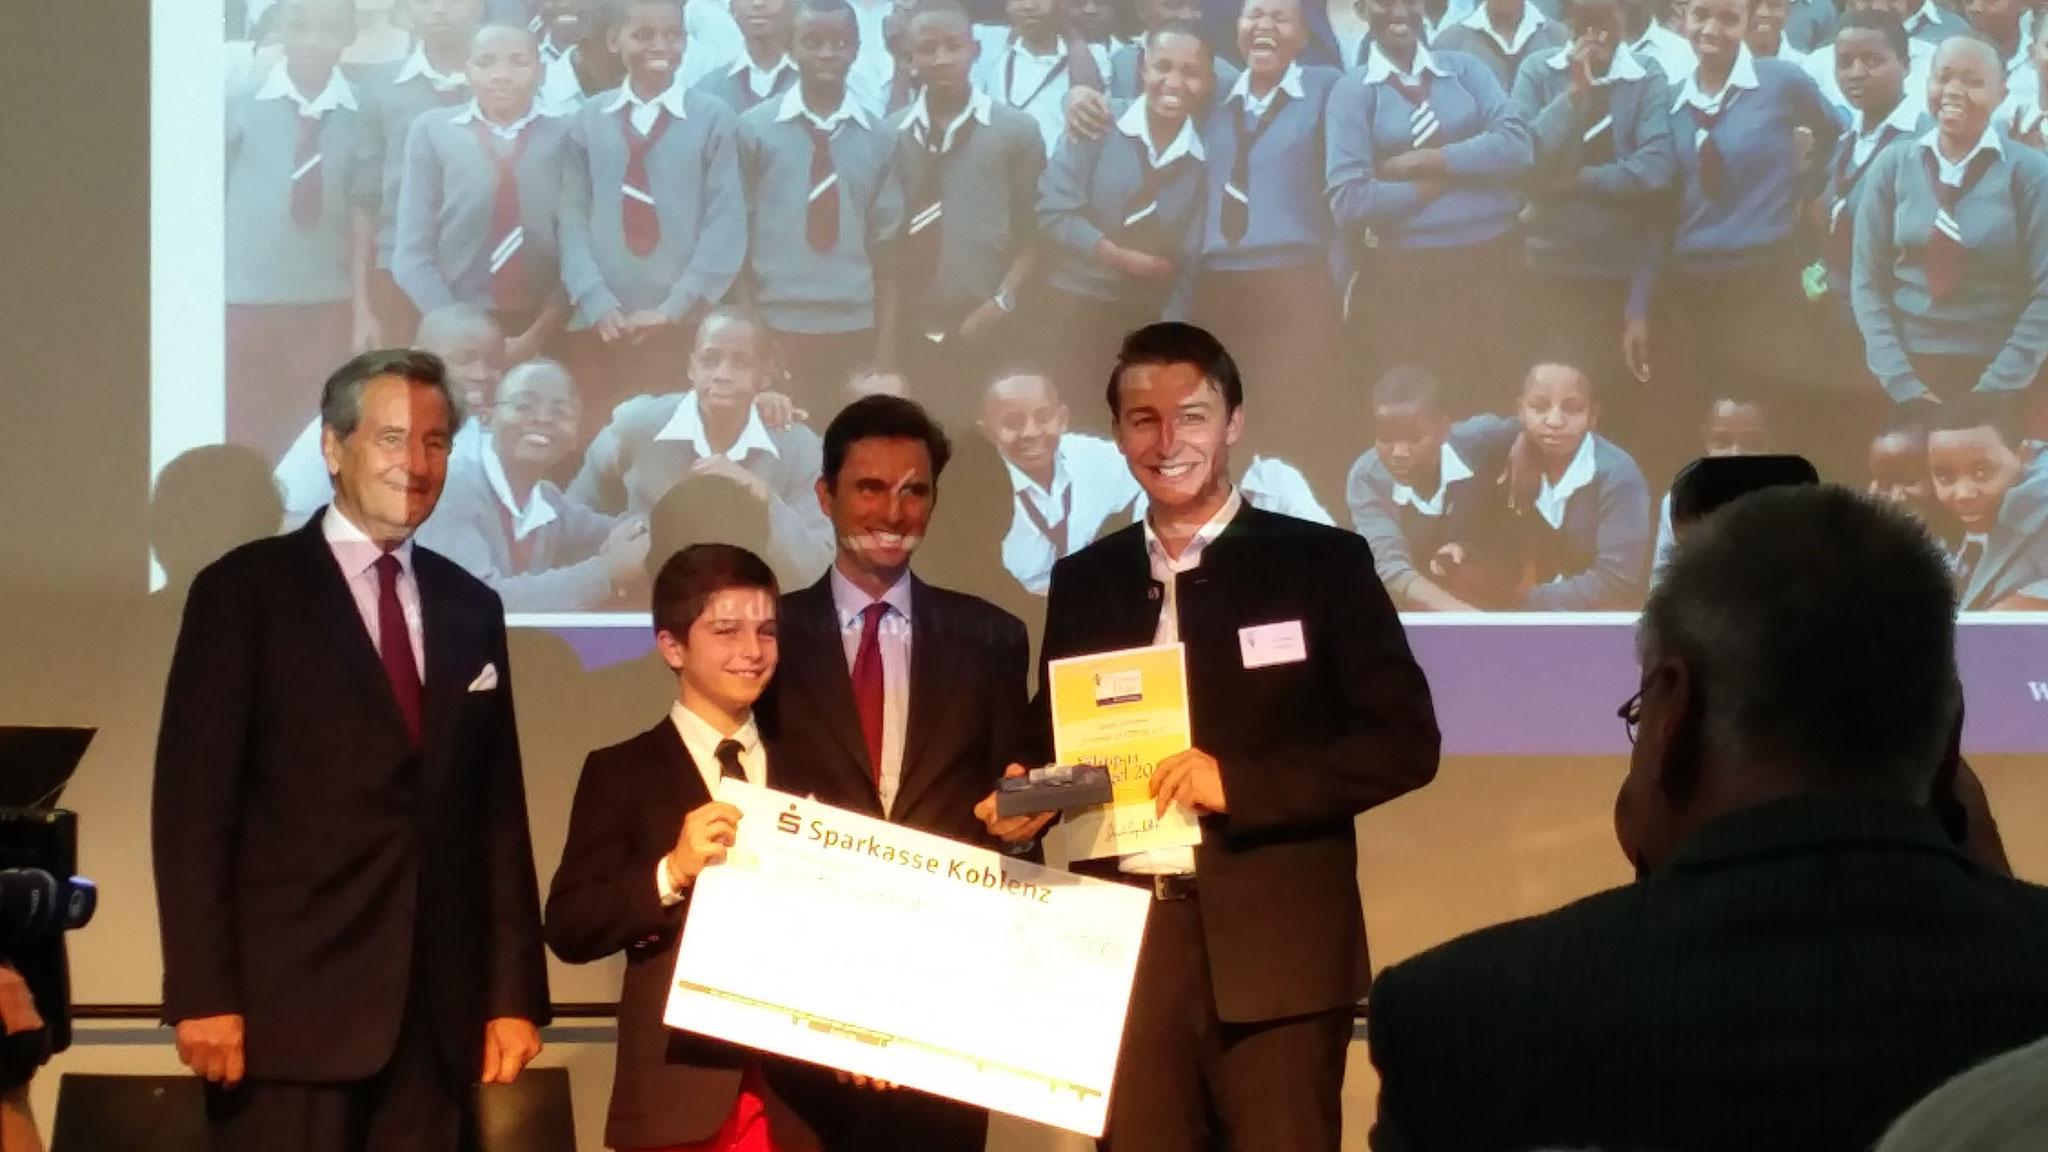 Verleihung des Preisgeldes in Höhe von 1000 Euro.